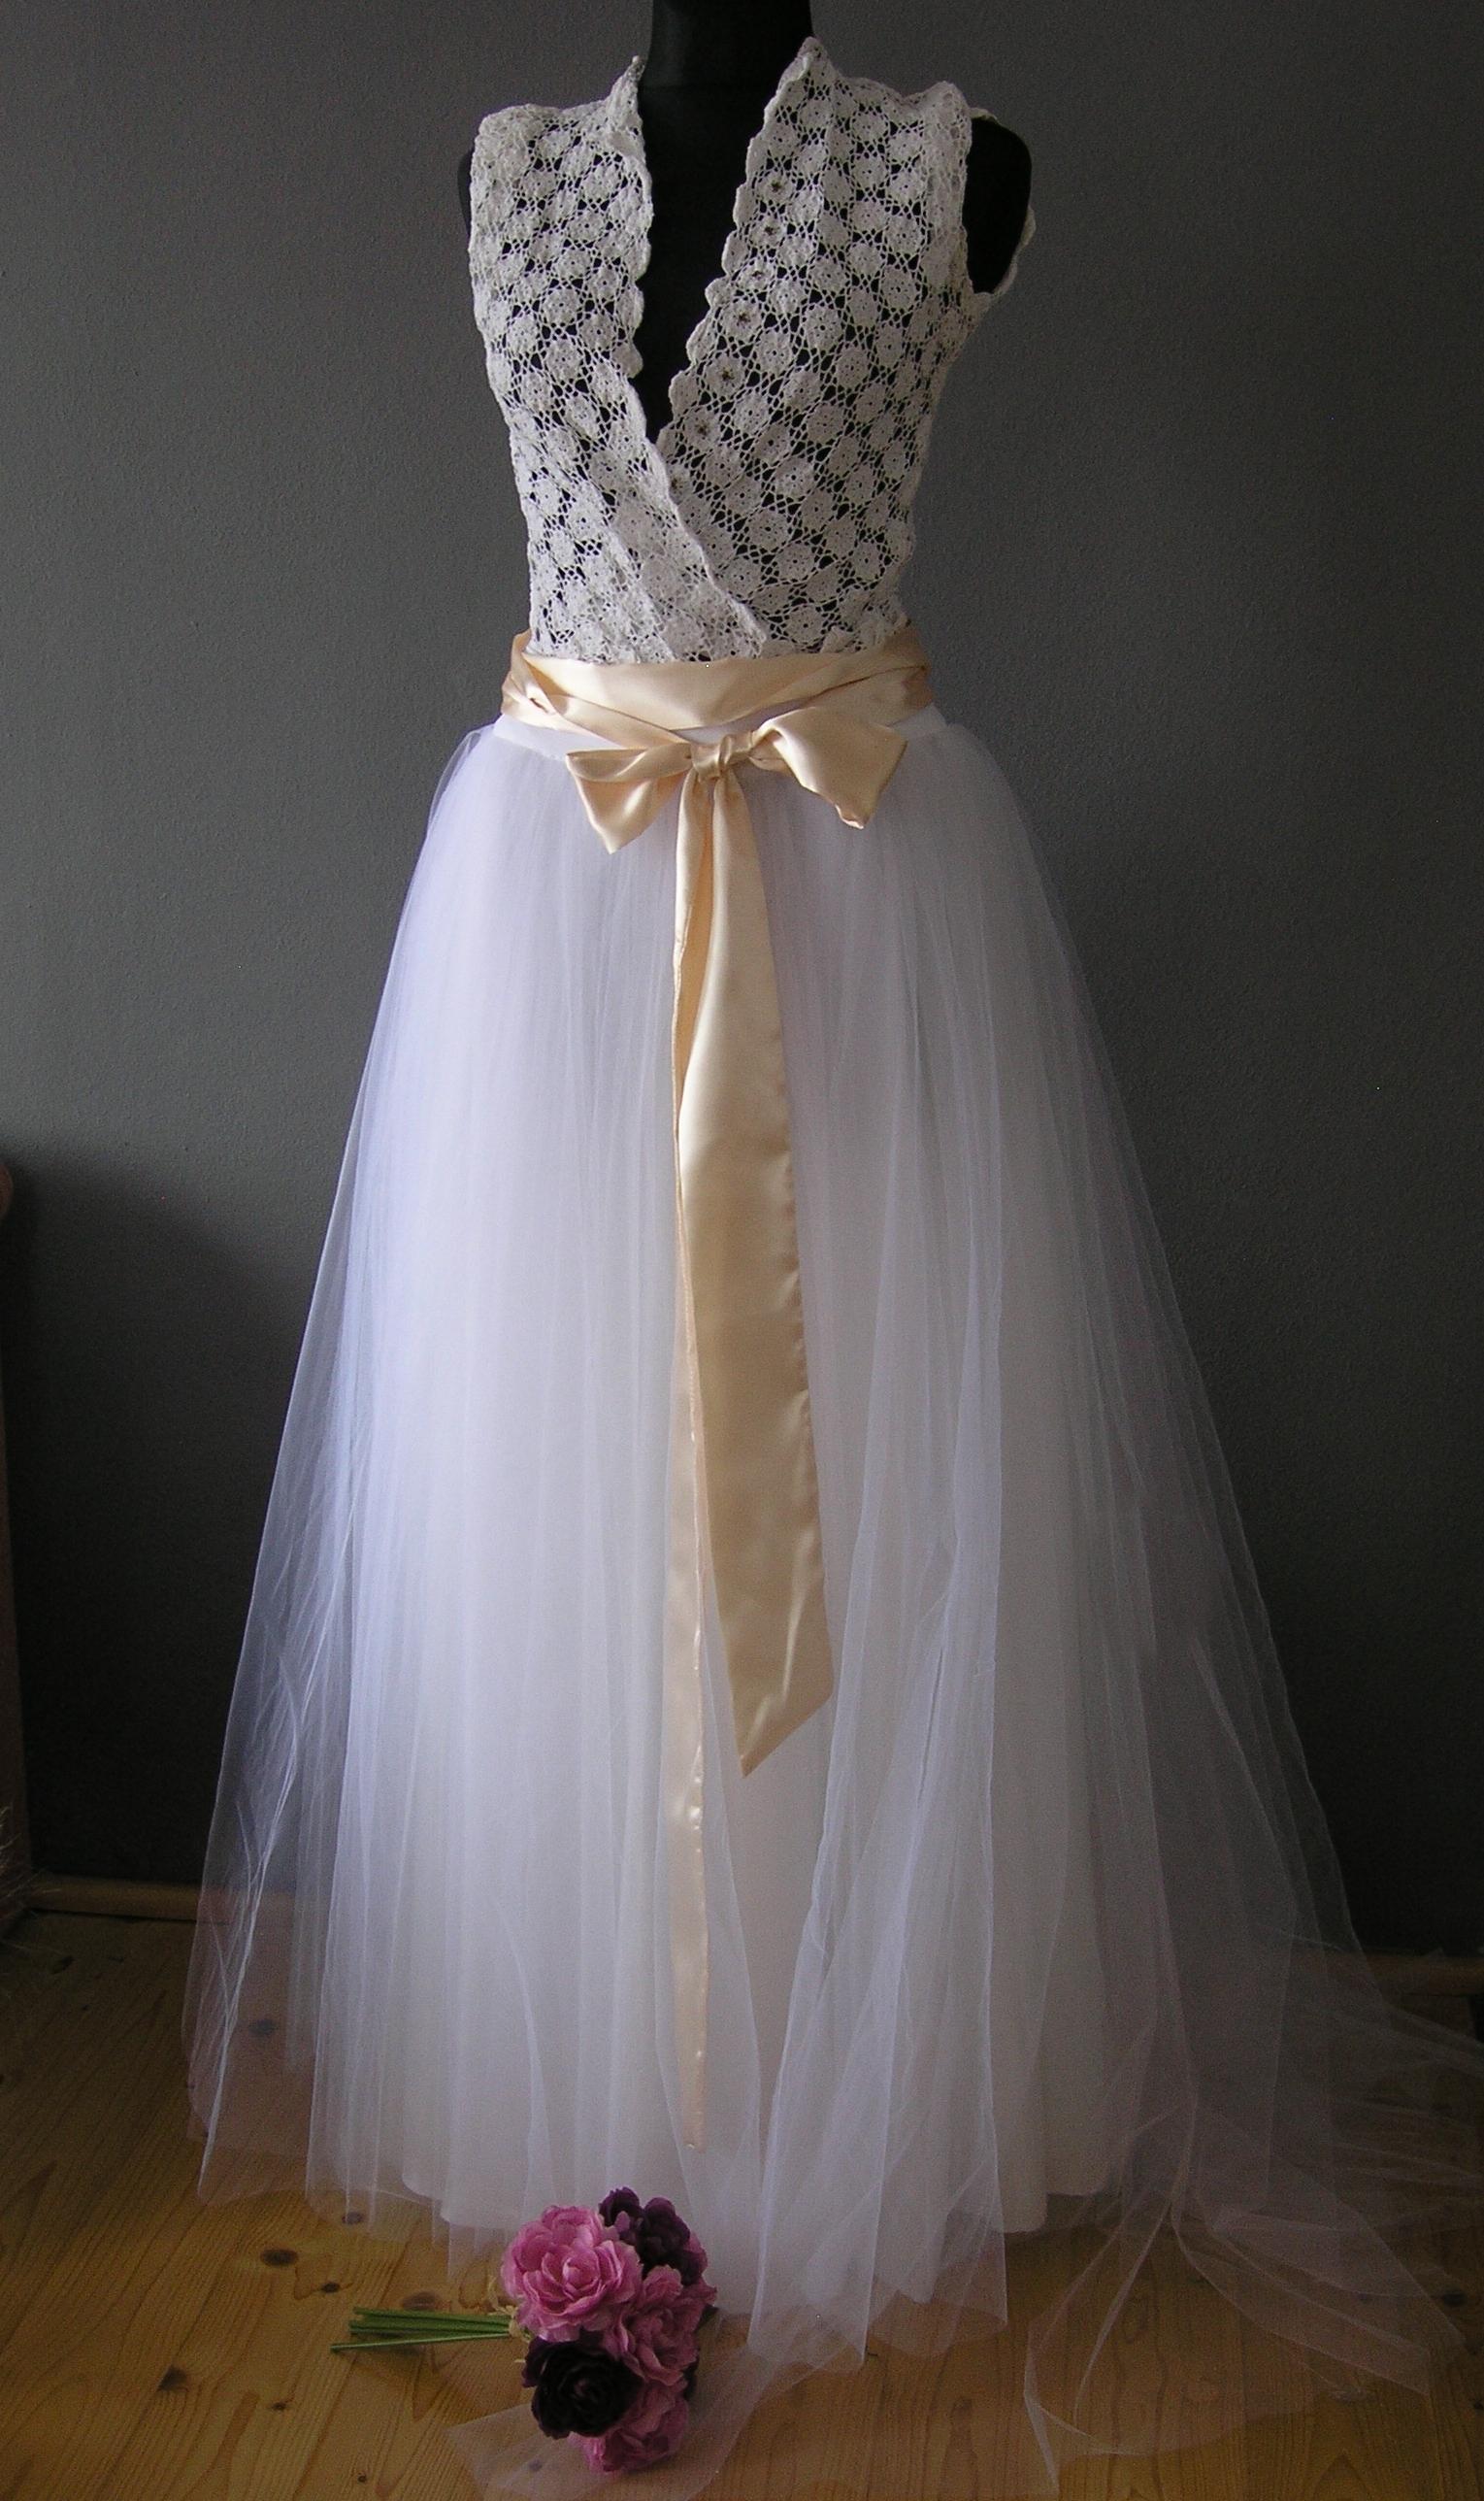 cb7293aa1b7 Svatební sukně kolová s vlečkou champagne stuha   Zboží prodejce ...